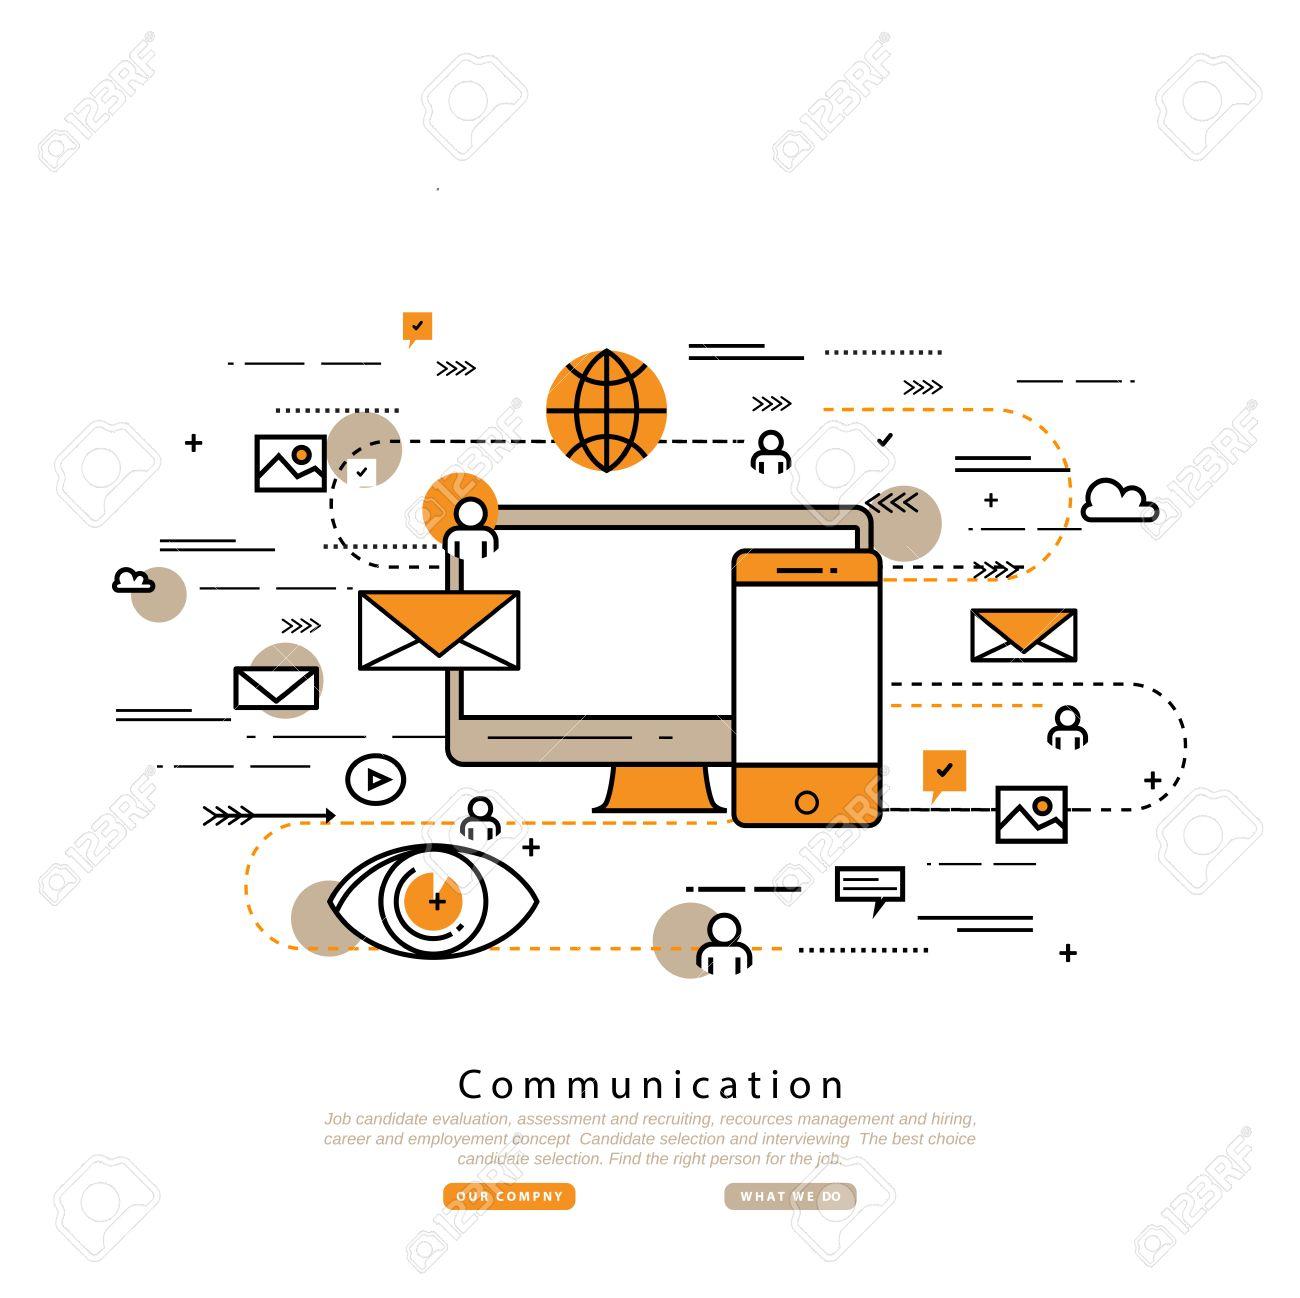 Flache Linie Business-Vektor-Illustration, Design Für Online-Social ...